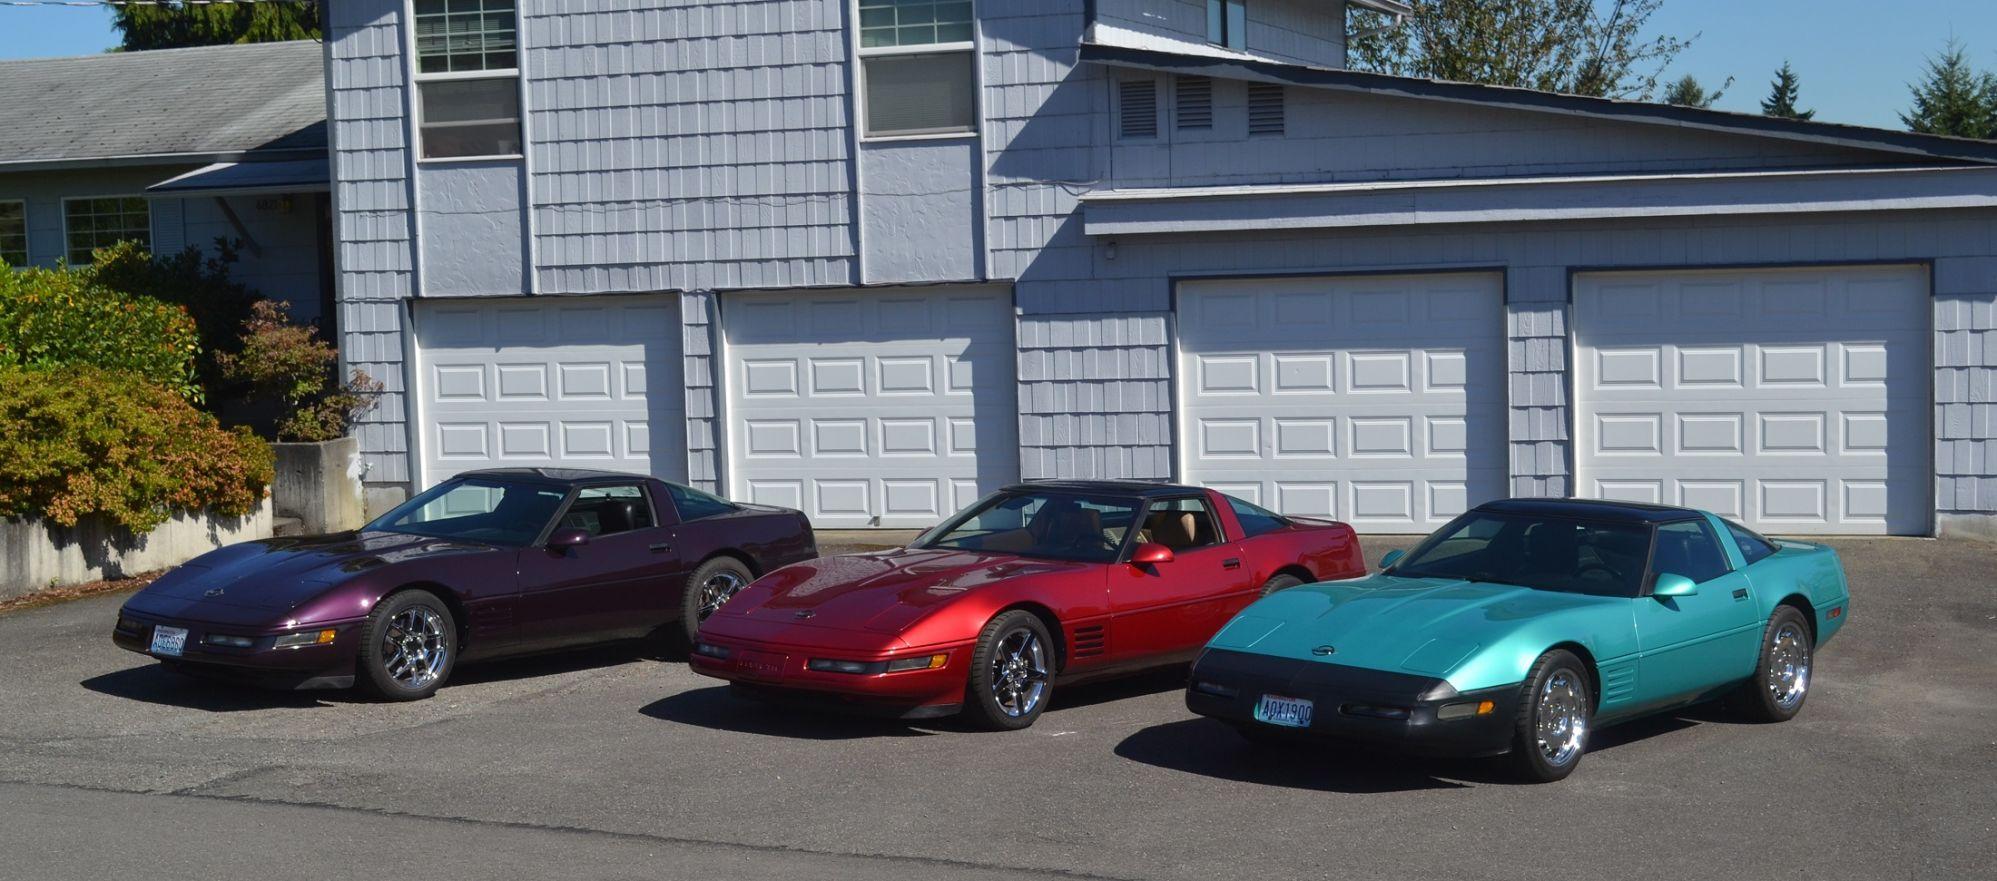 1991 corvette black rose colors | My 3 Favorite C4 Colors In